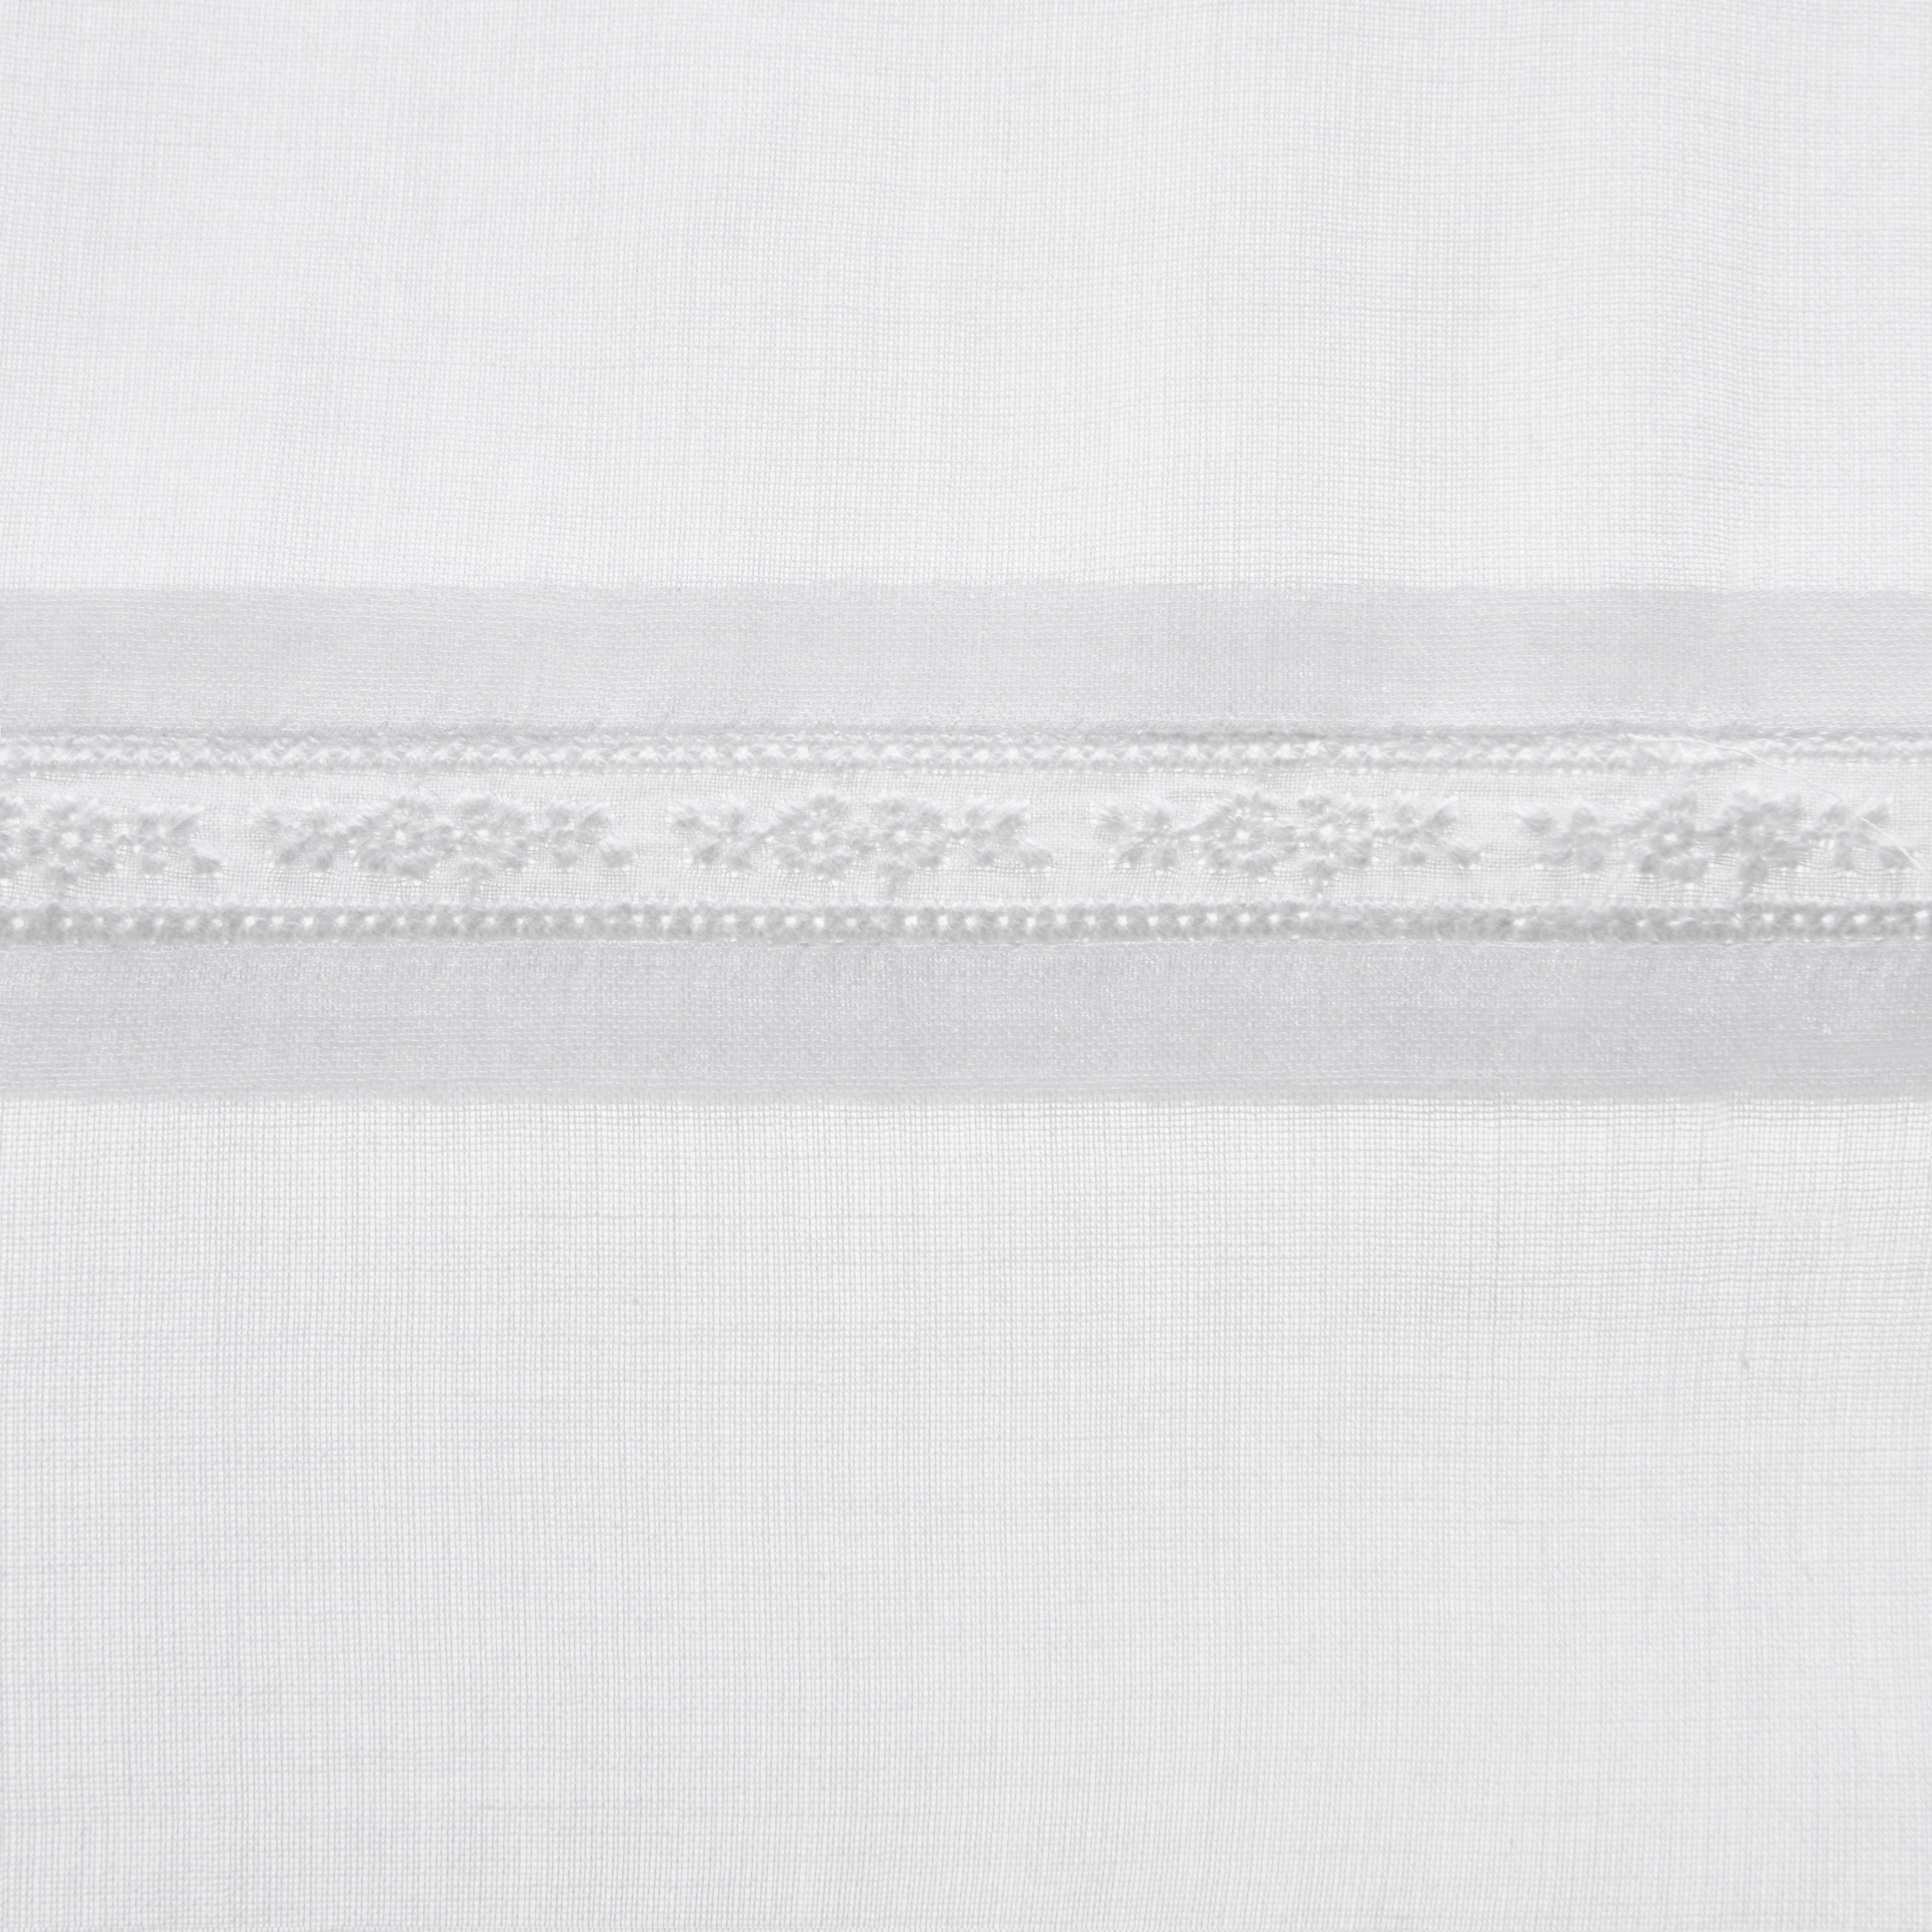 Baumwollvorhang Wicky 140x245cm - Weiß, MODERN, Textil (140/245cm) - MÖMAX modern living